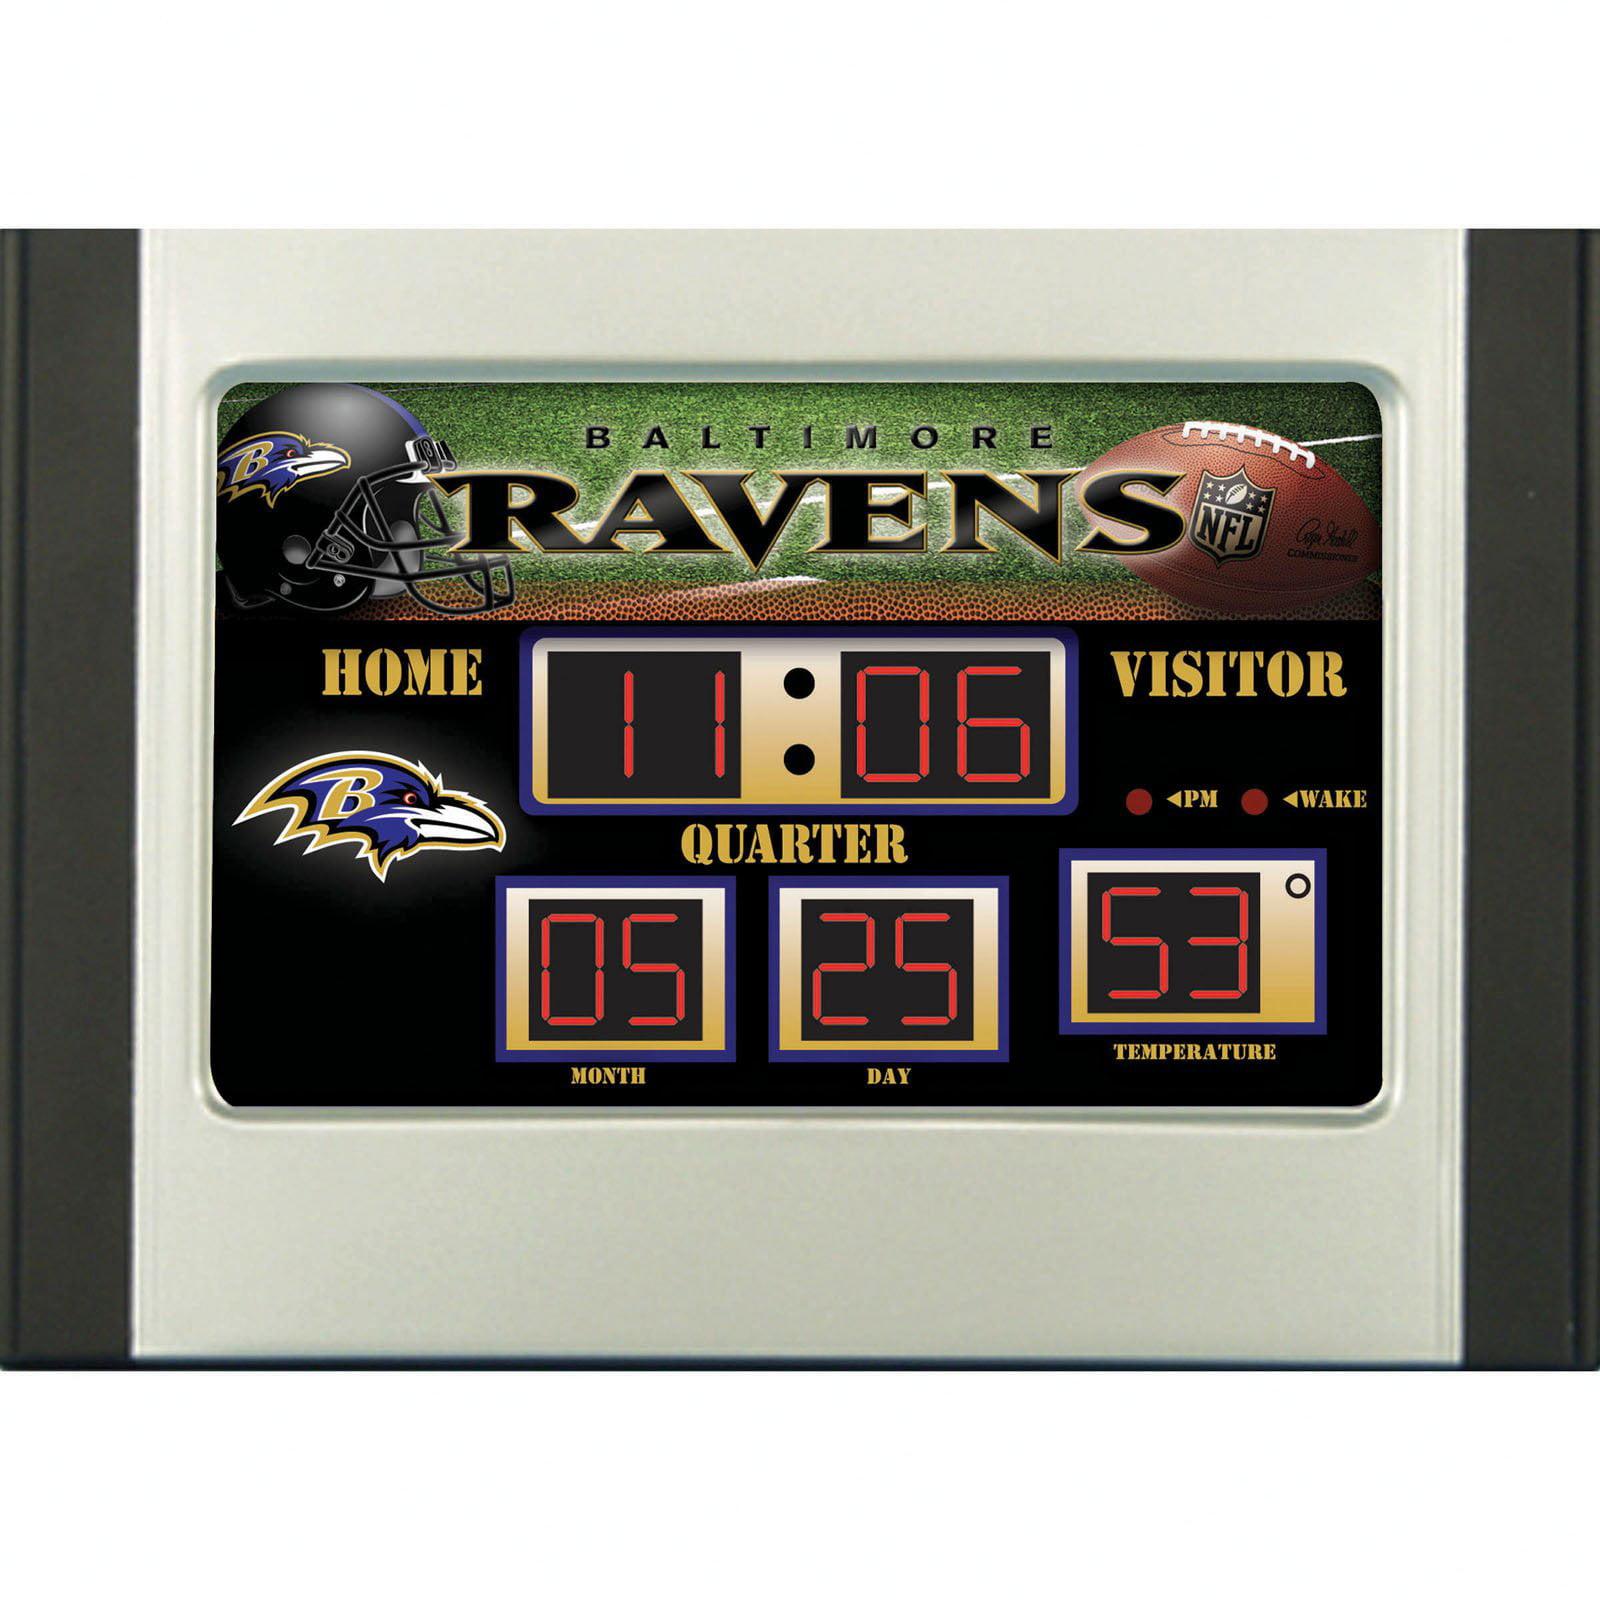 Green Bay Packers Scoreboard Desk & Alarm Clock